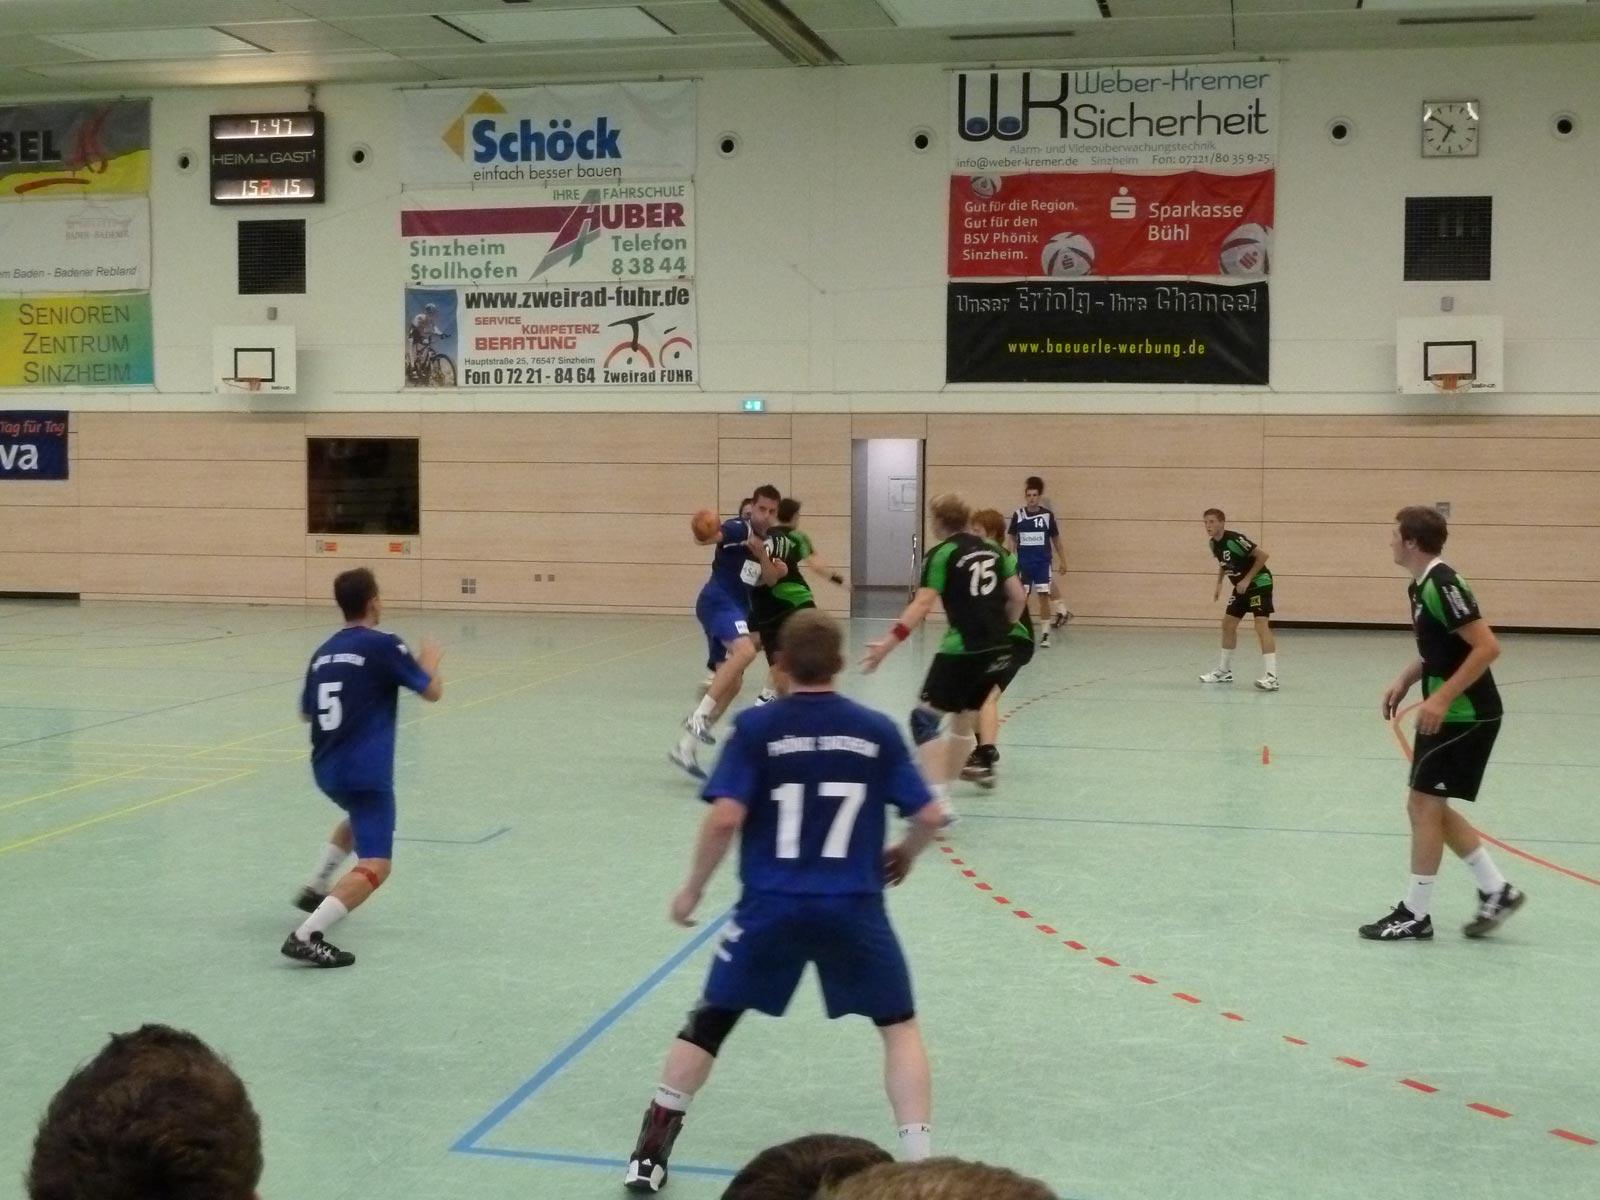 Handball in der Halle